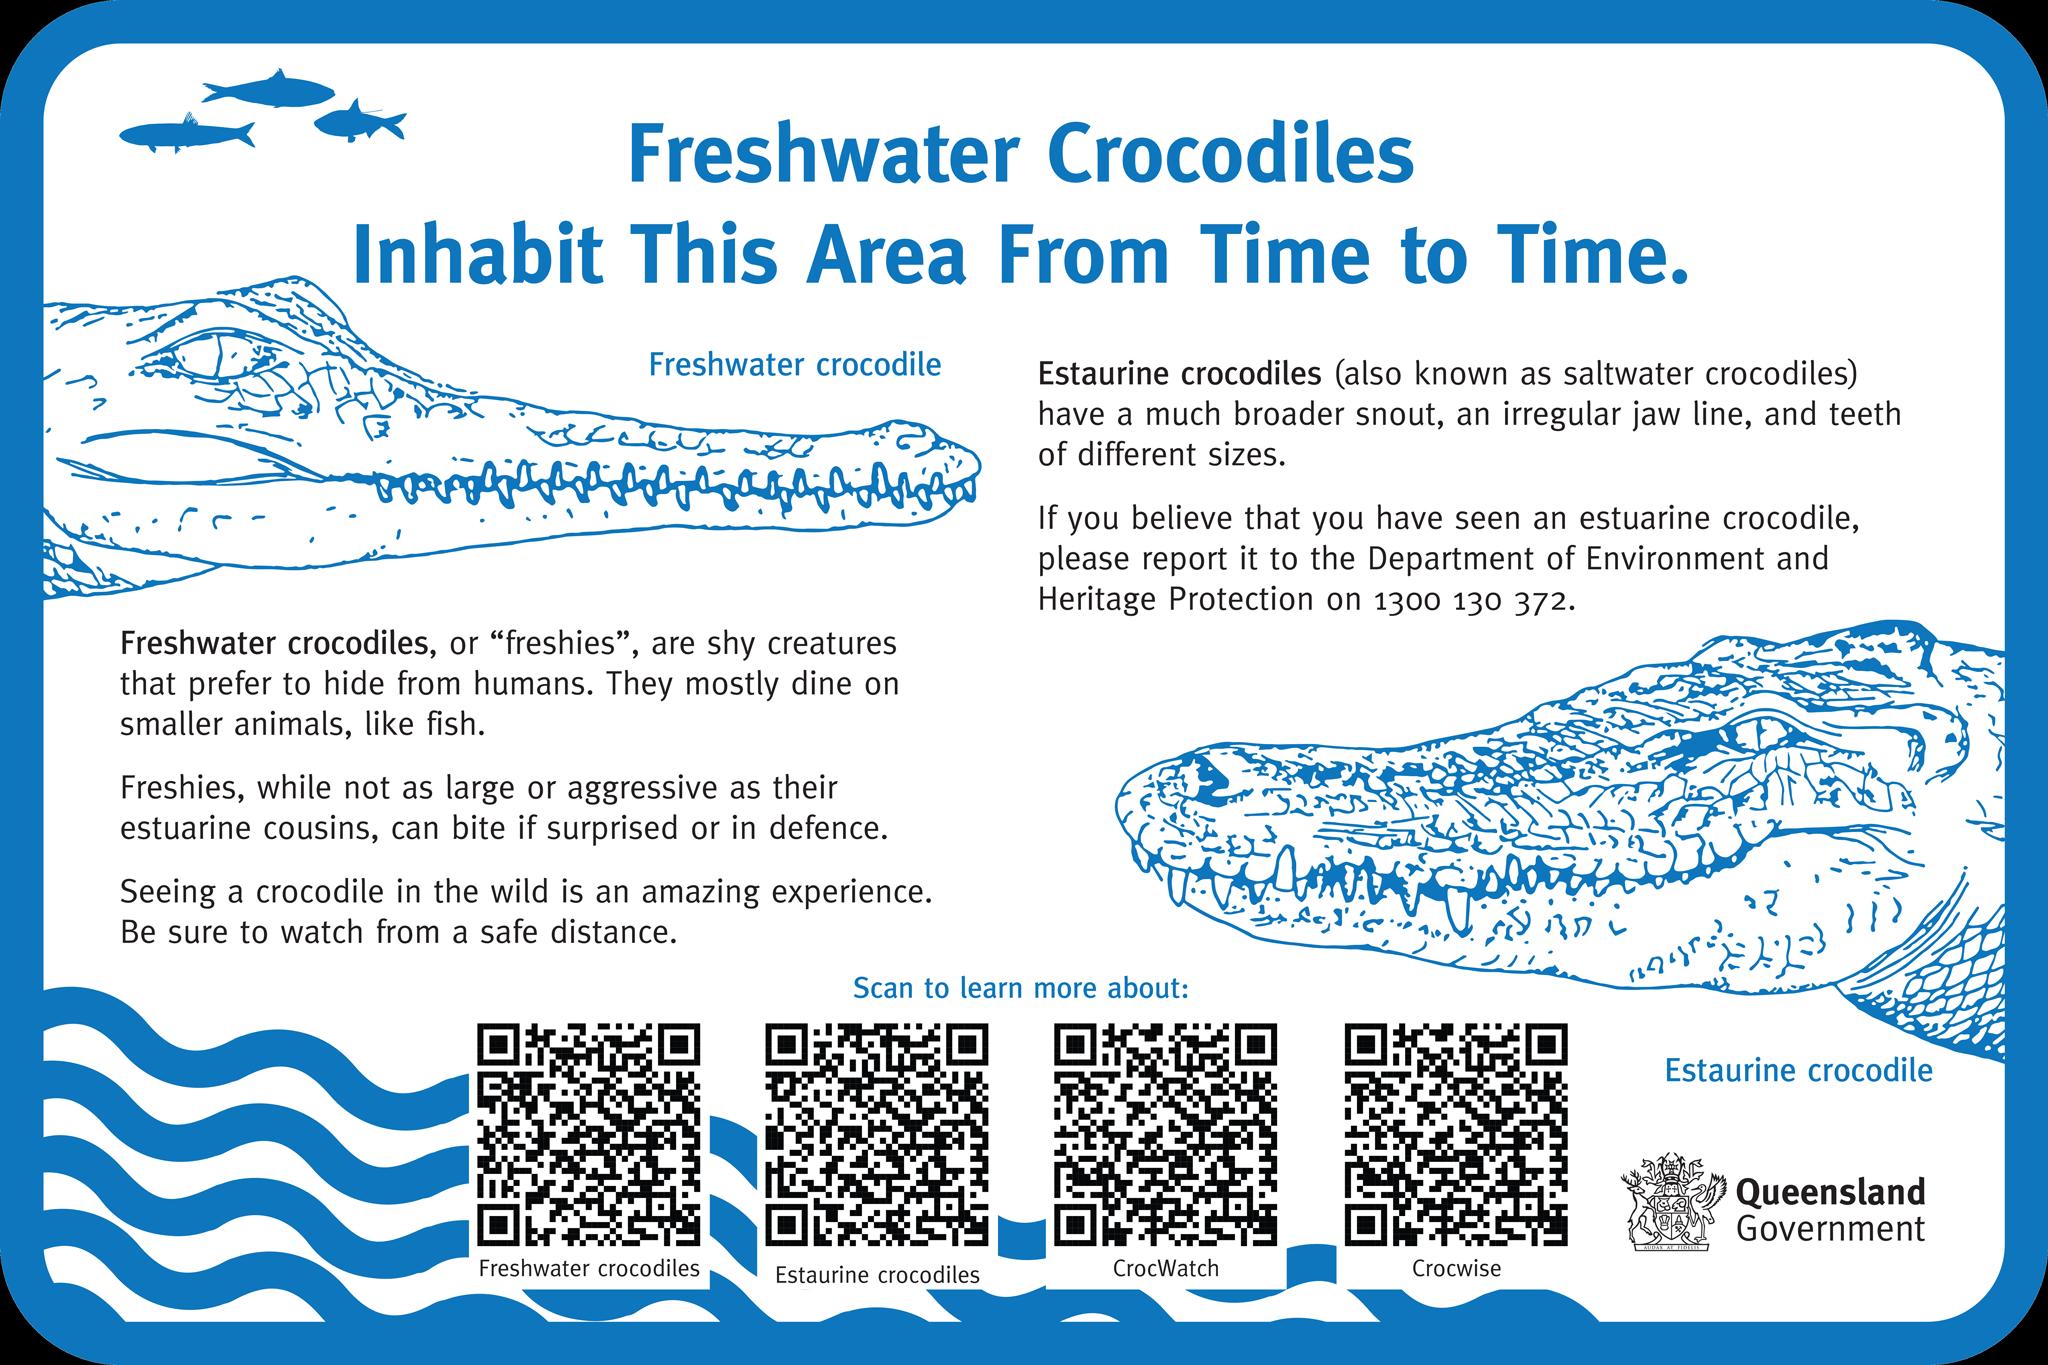 Image:  Freshwater crocodiles signage